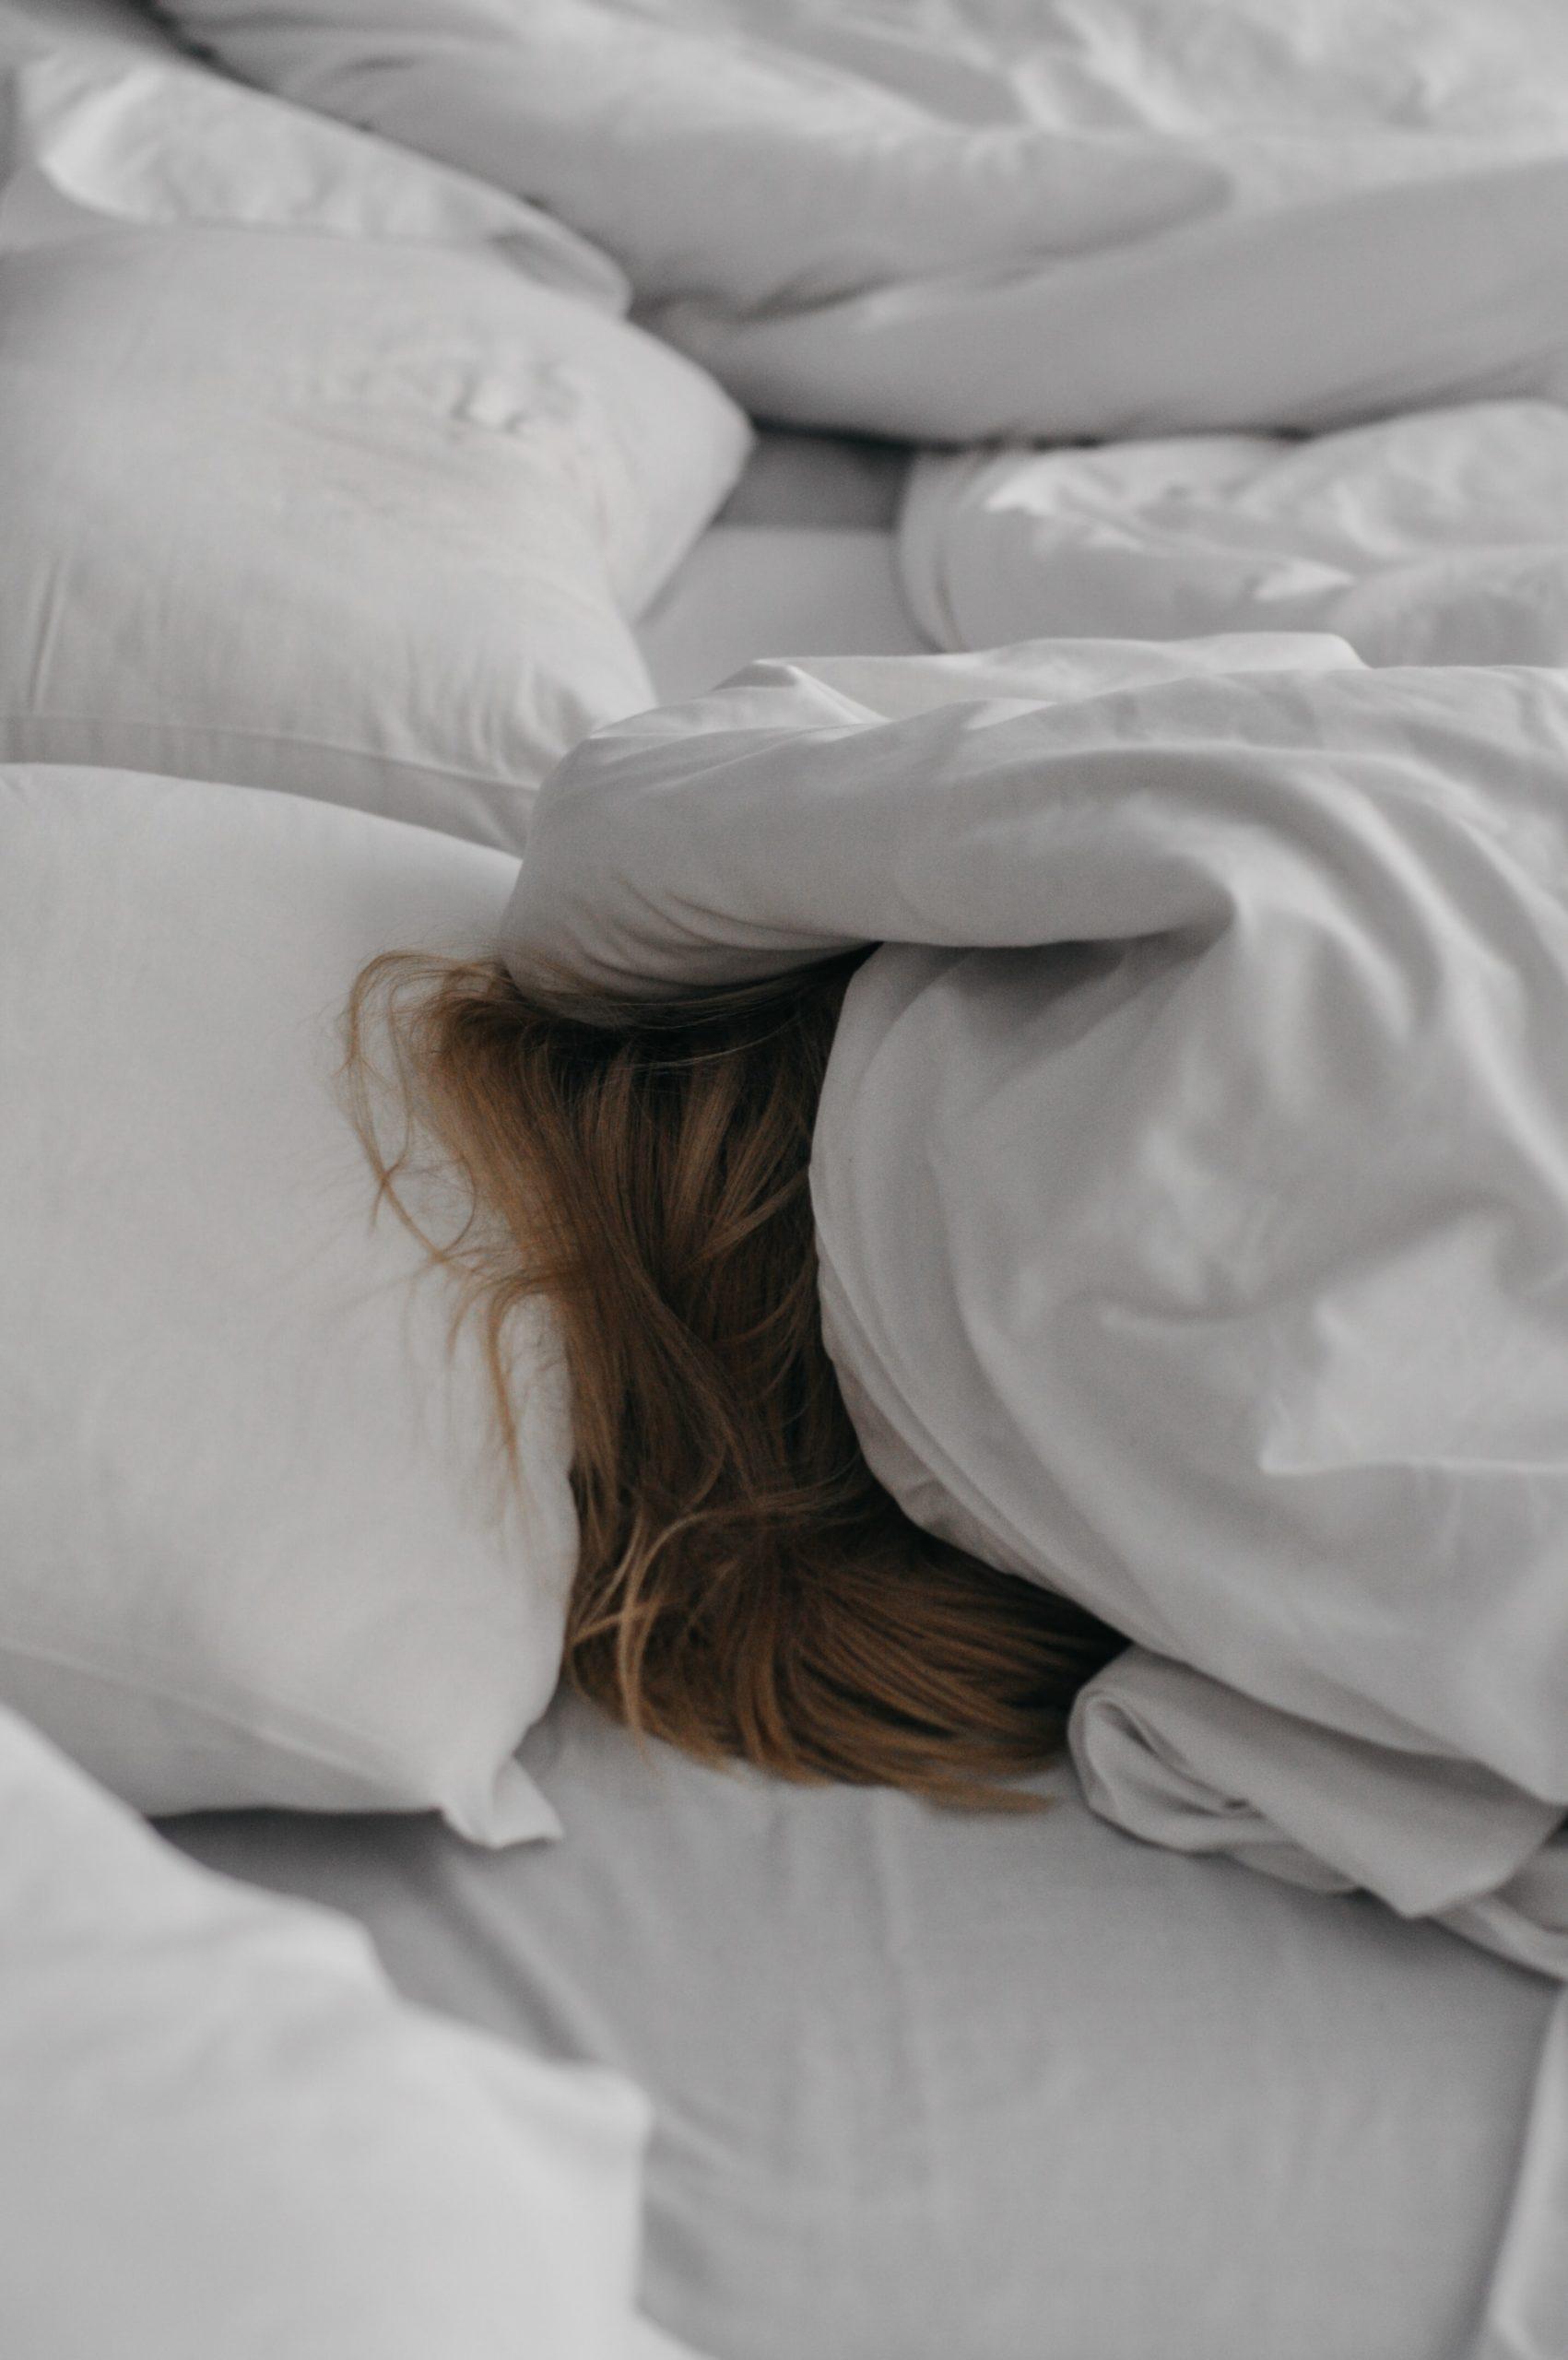 Recommandations sur la durée du sommeil : être à l'écoute de sa fatigue